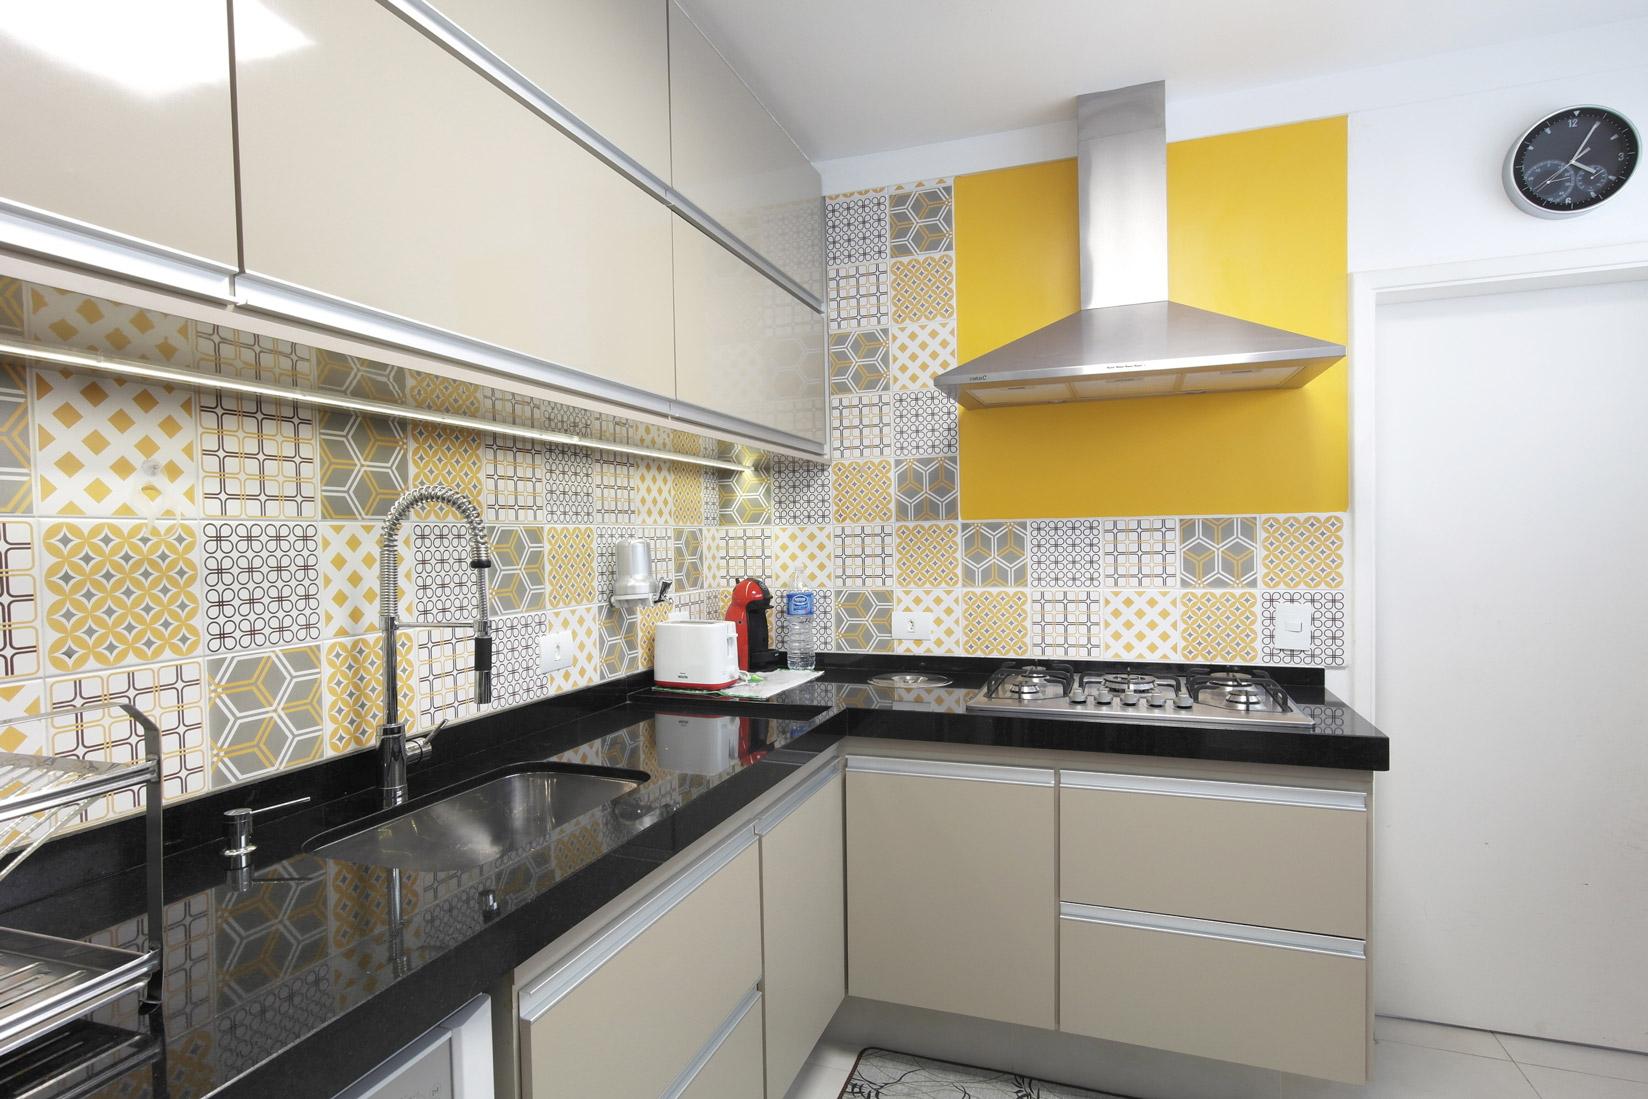 Daniela-Marques-Arquitetura-010-Cozinha-Azulejo-Amarelo-Cinza.jpg